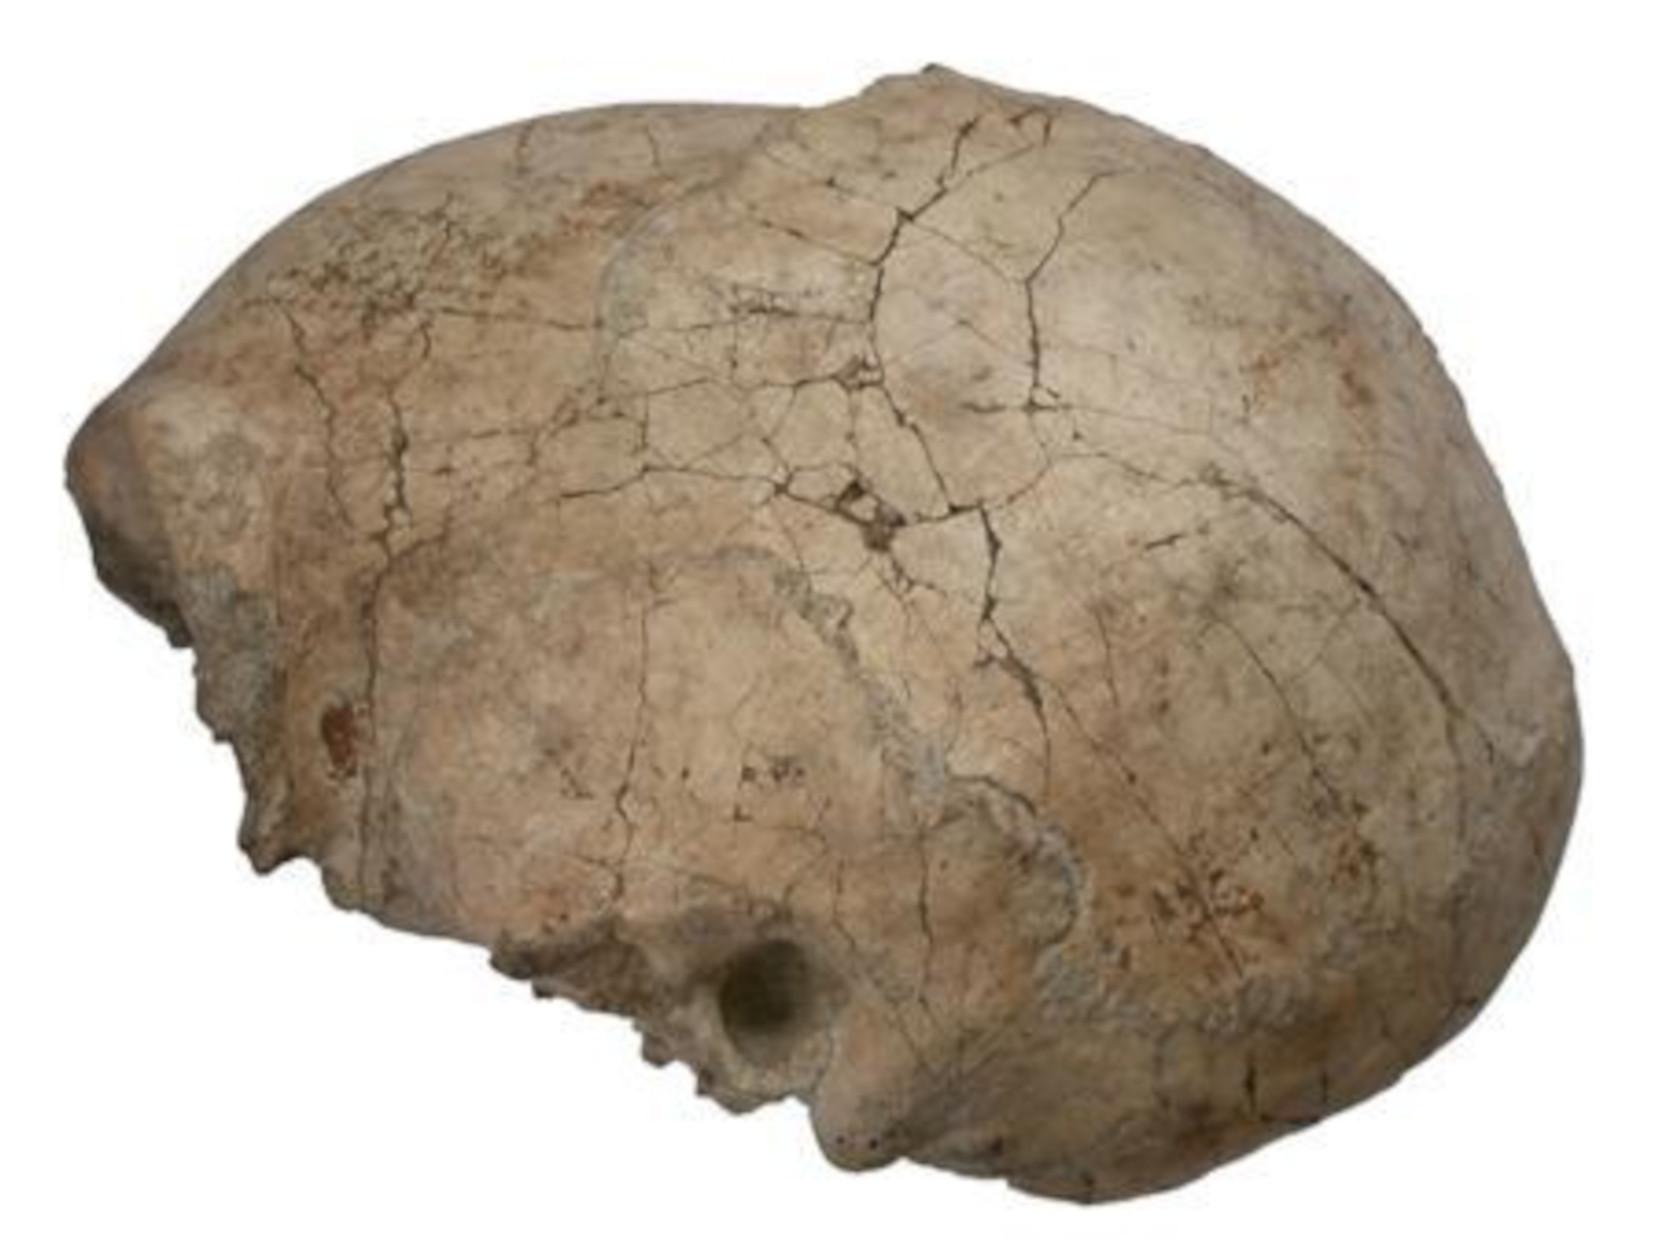 Ανατροπή σε όσα πιστεύαμε! Ο εγκέφαλος του Homo Erectus μάλλον υπήρχε.. πριν τον Homo Erectus